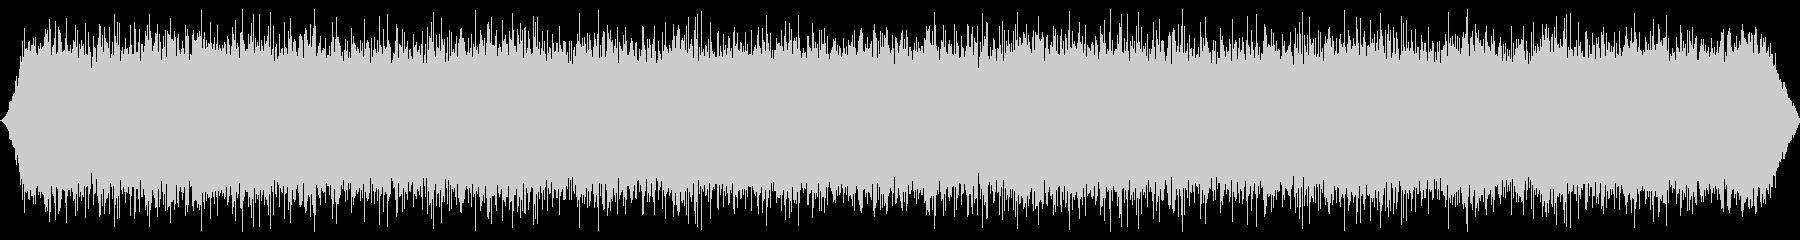 バブリングマウンテンリバー:ヘビーフローの未再生の波形